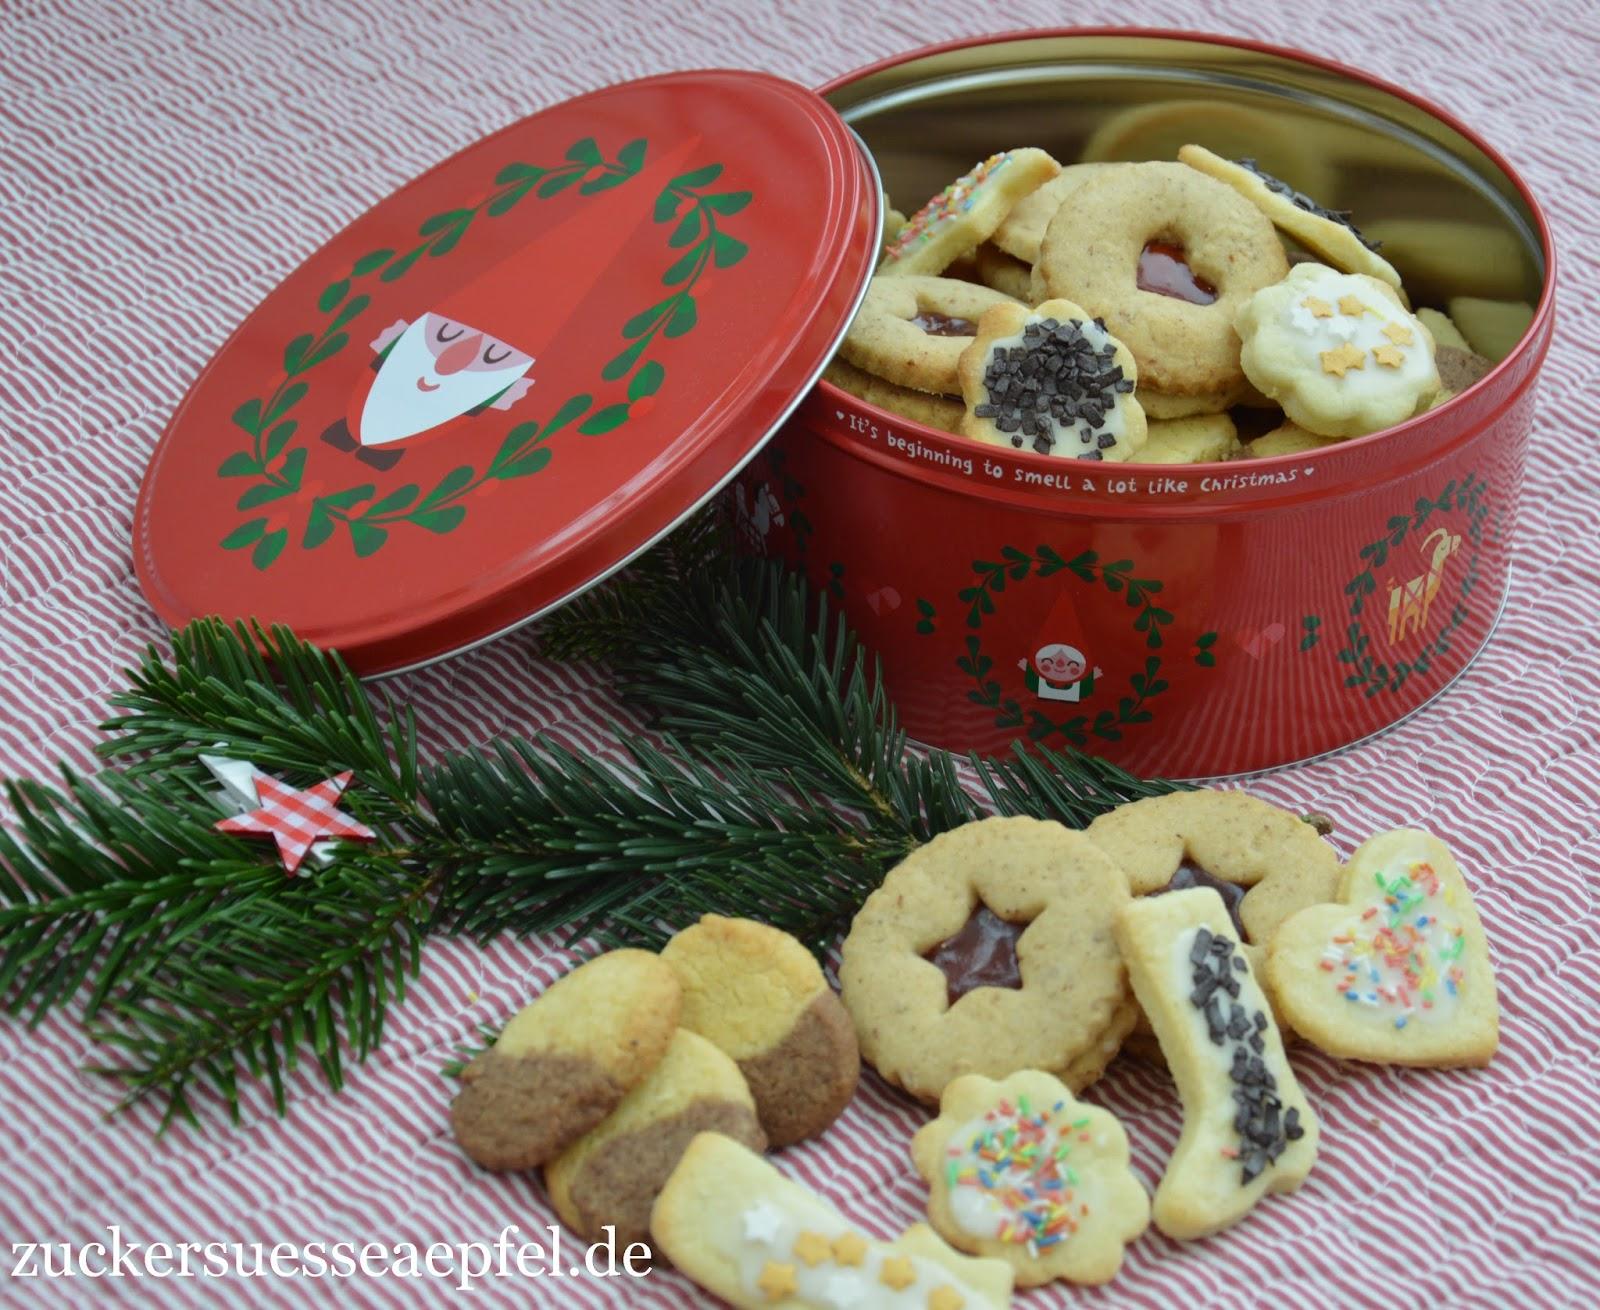 Weihnachtsplätzchen Klassische Rezepte.Unsere Drei Liebsten Rezepte Für Weihnachtsplätzchen Zuckersüße